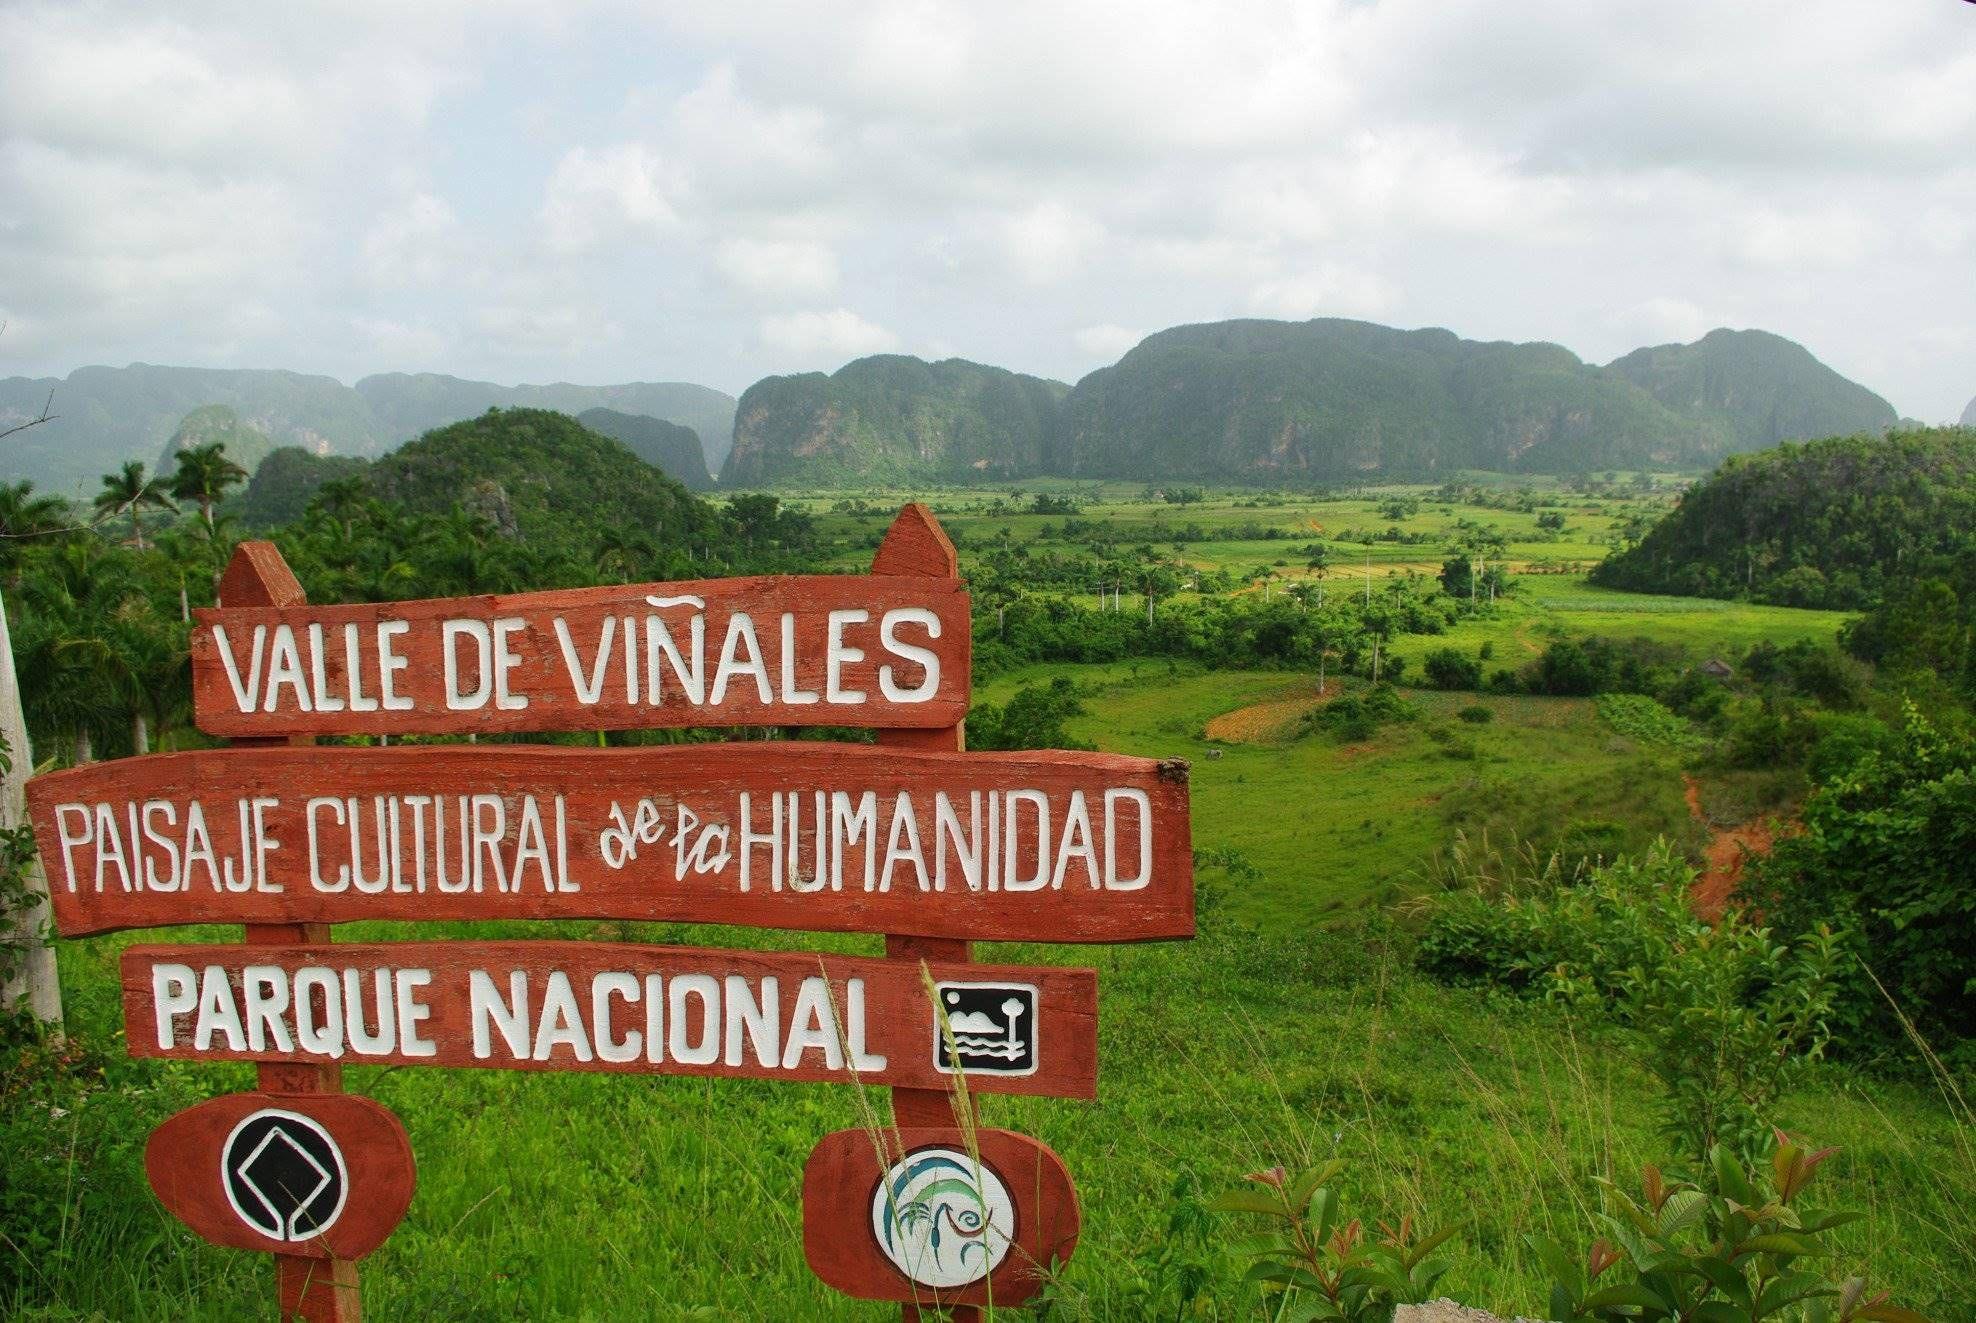 Parque Nacional Valle de Viñales